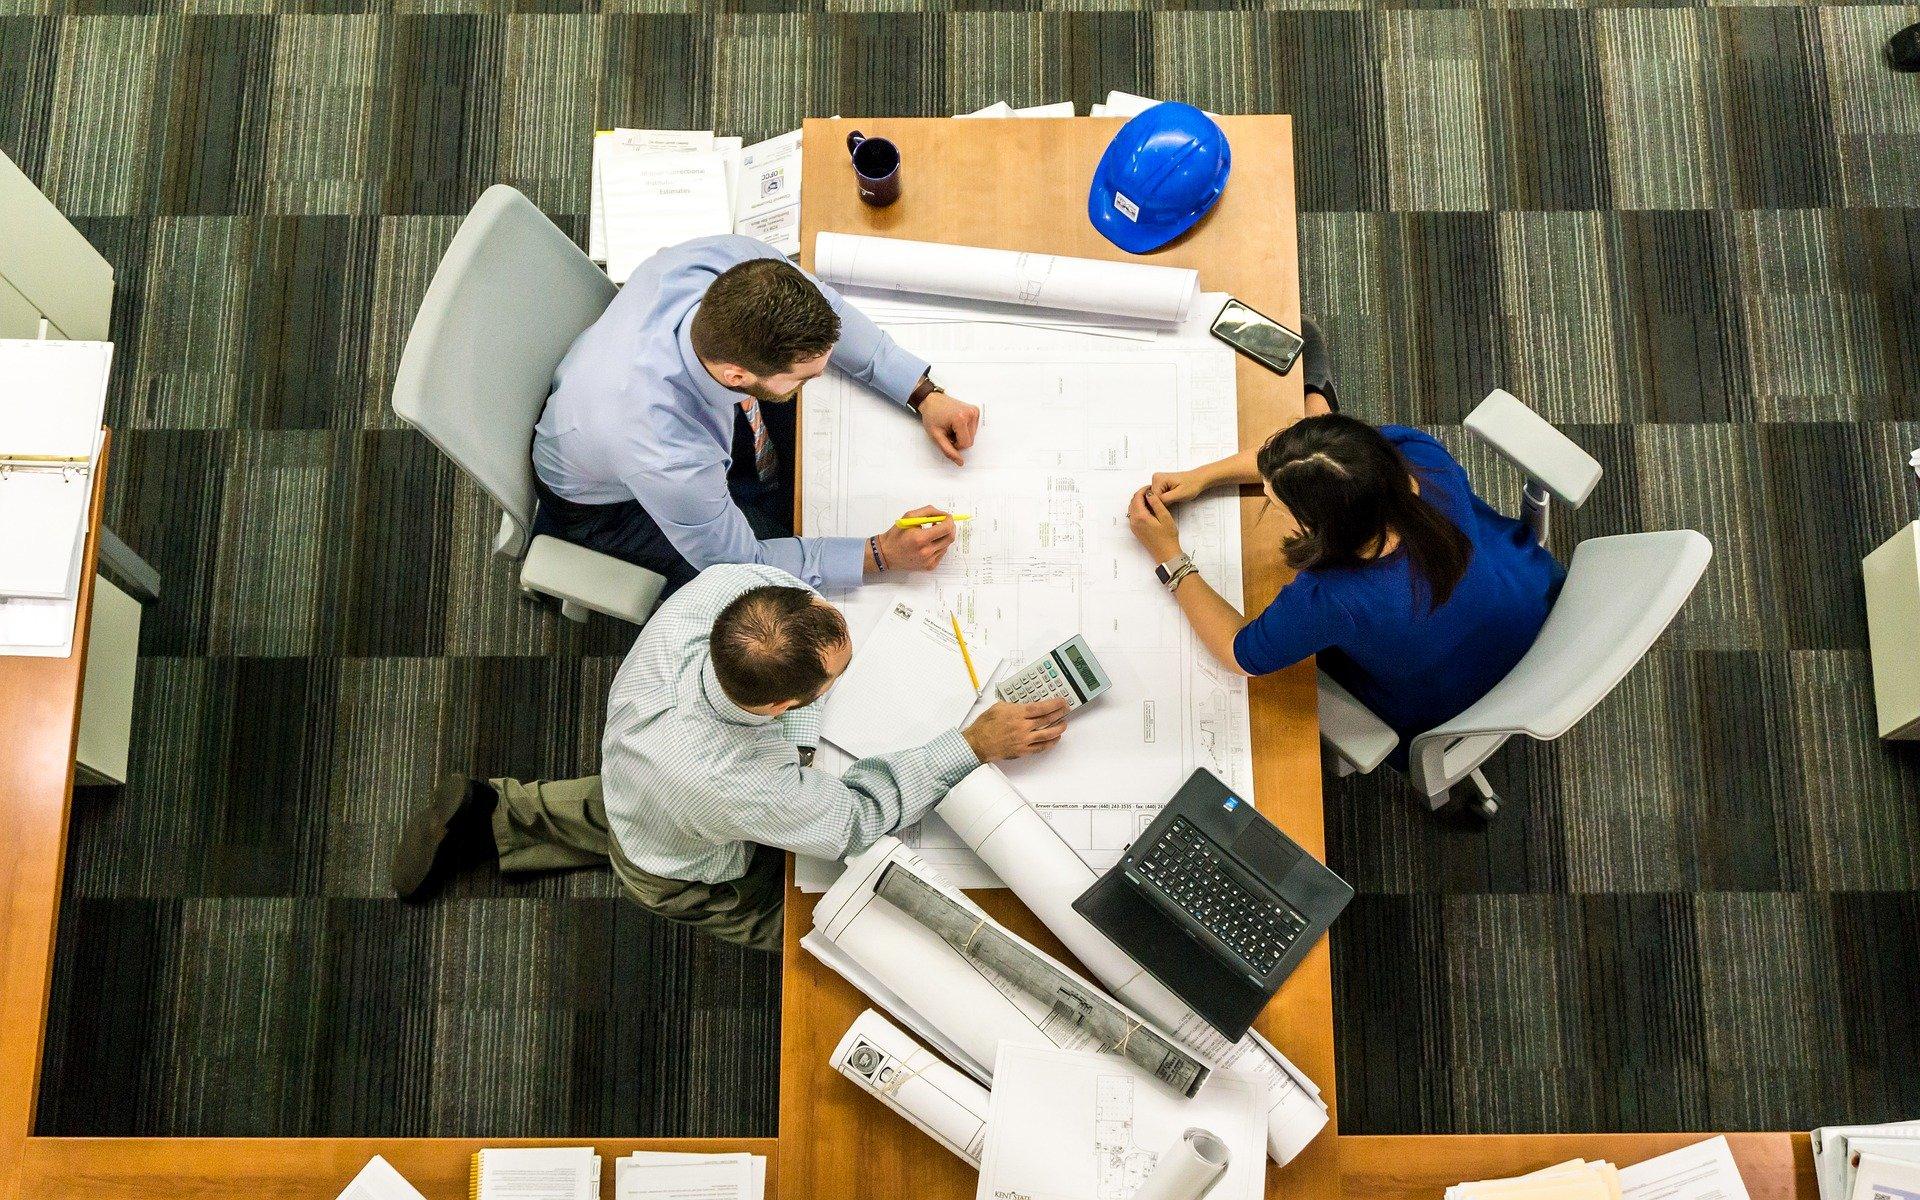 Según aumenta el número de empleados en la empresa, es importante organizar reuniones, para aumentar la productividad laboral.